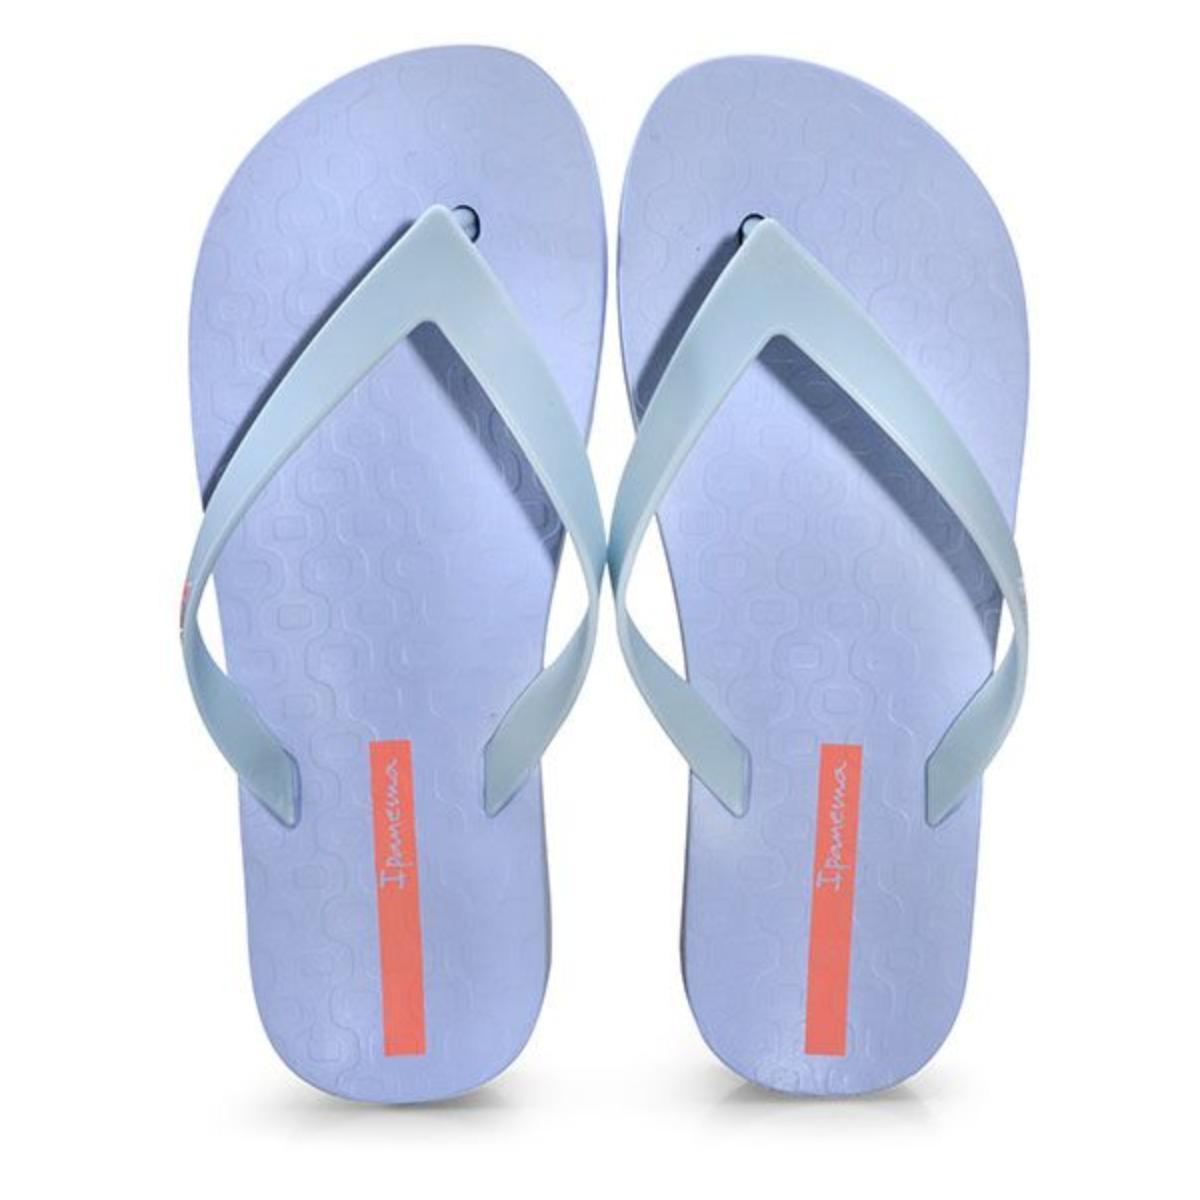 Chinelo Feminino Grendene 26602 20729 Ipanema Flatform Azul